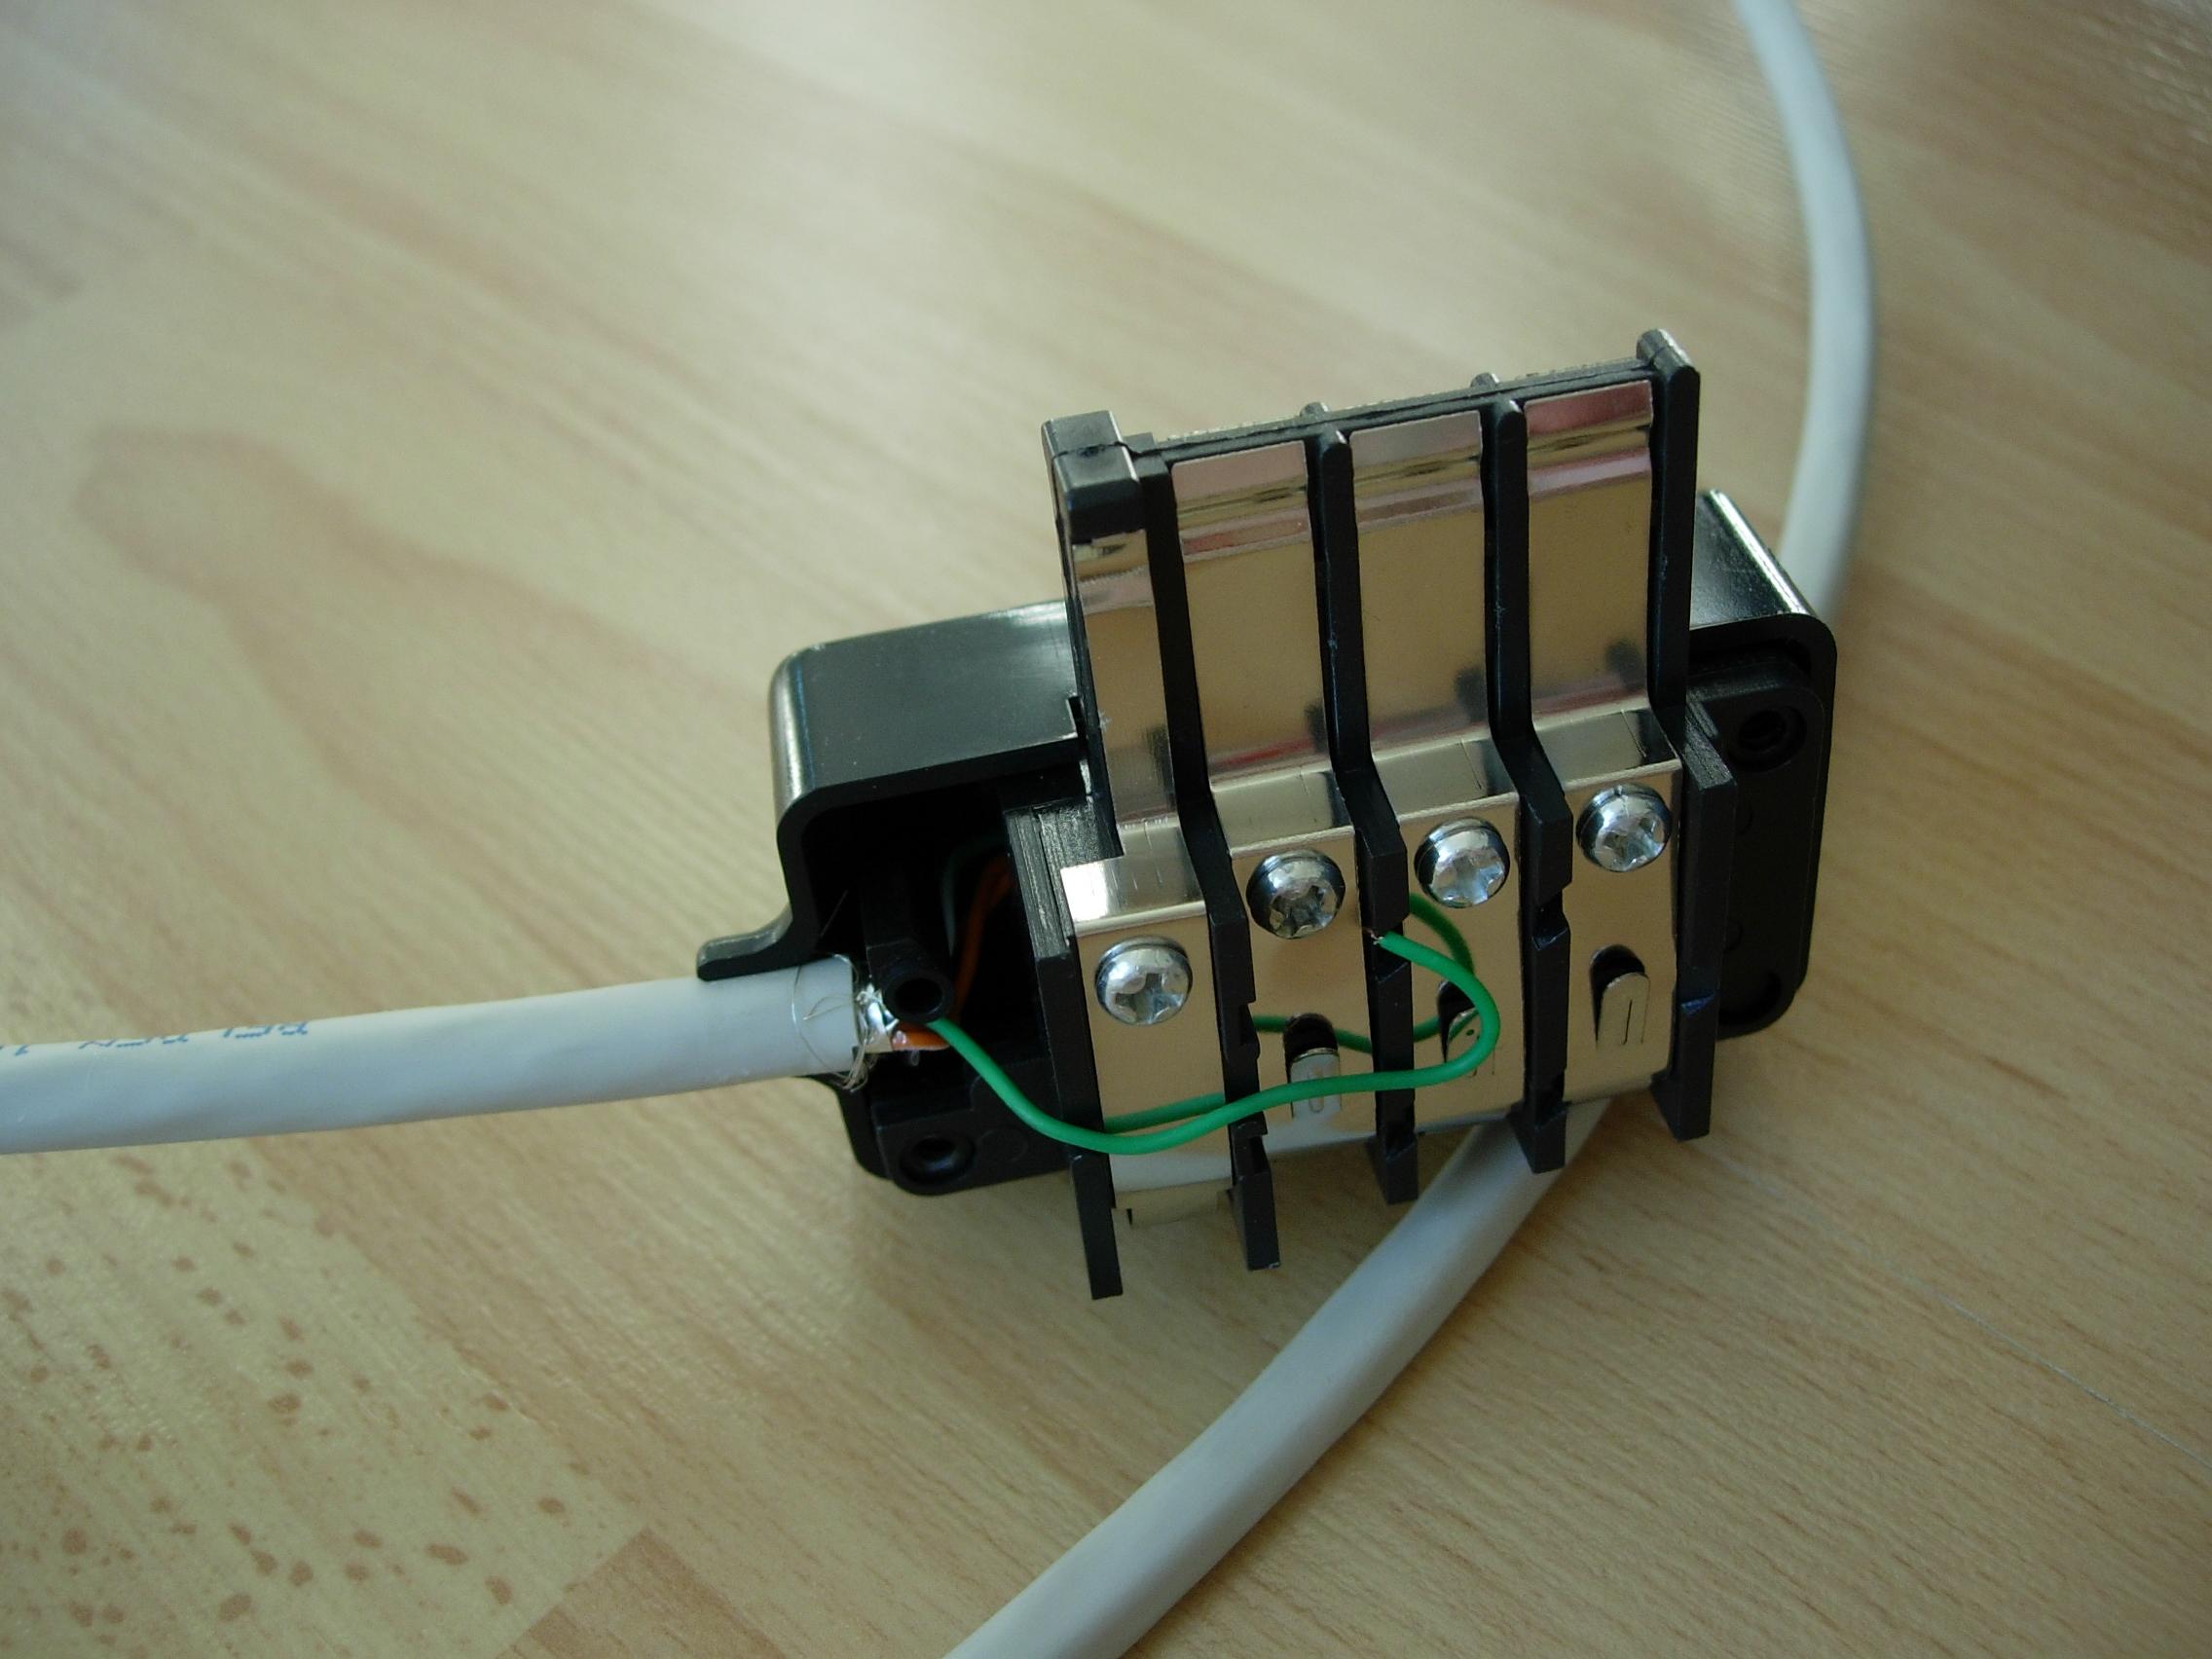 felinewave utiliser les prises t l phoniques pour le r seau ethernet. Black Bedroom Furniture Sets. Home Design Ideas